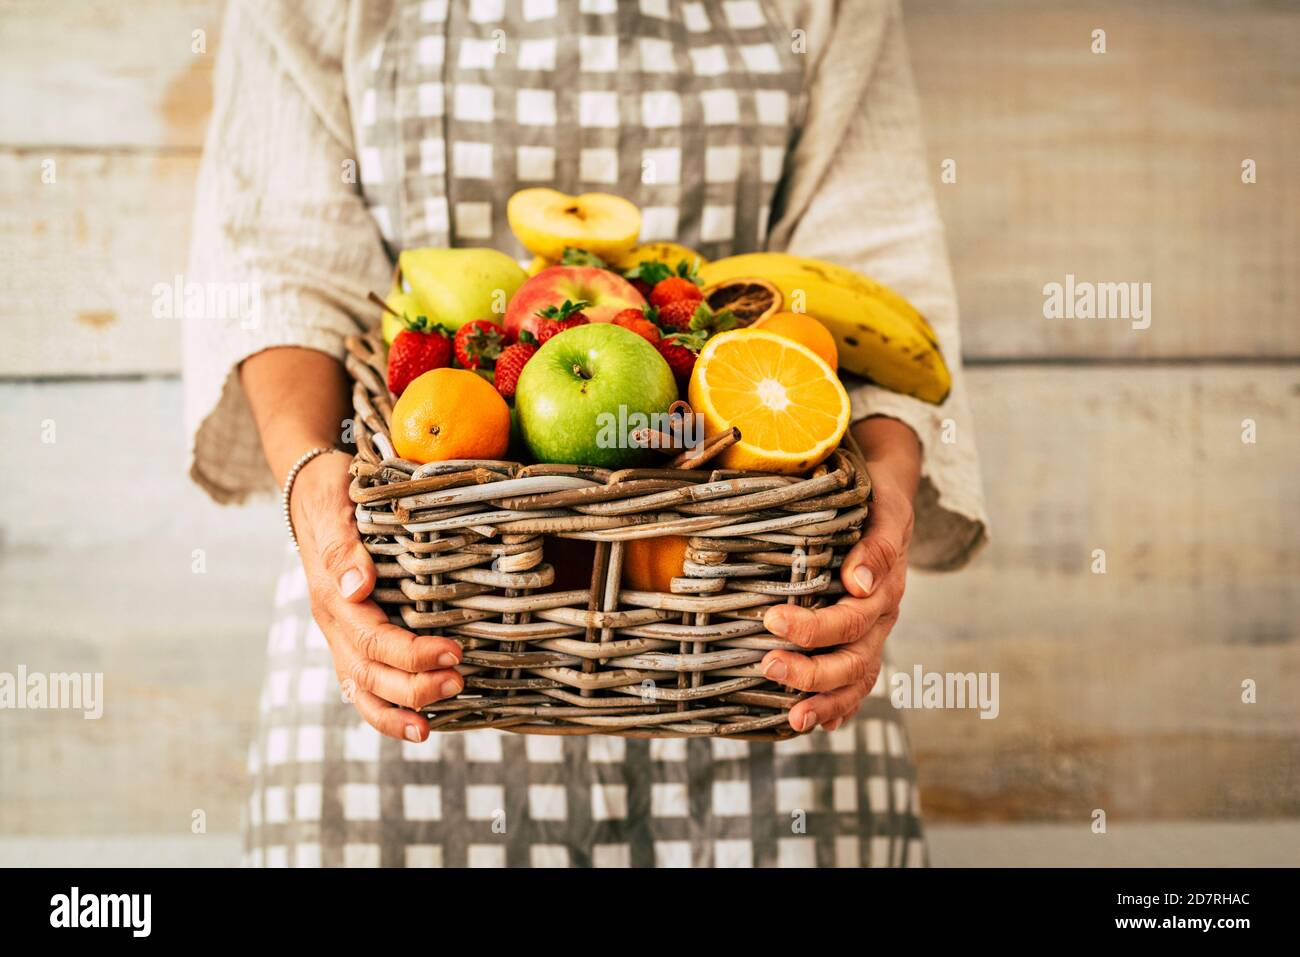 Cubo de frutas frescas holded por mujer adulta con fondo de pared - concepto de pérdida de peso y comercio de la tienda de frutas - agricultura y vida de trabajo de los agricultores Foto de stock